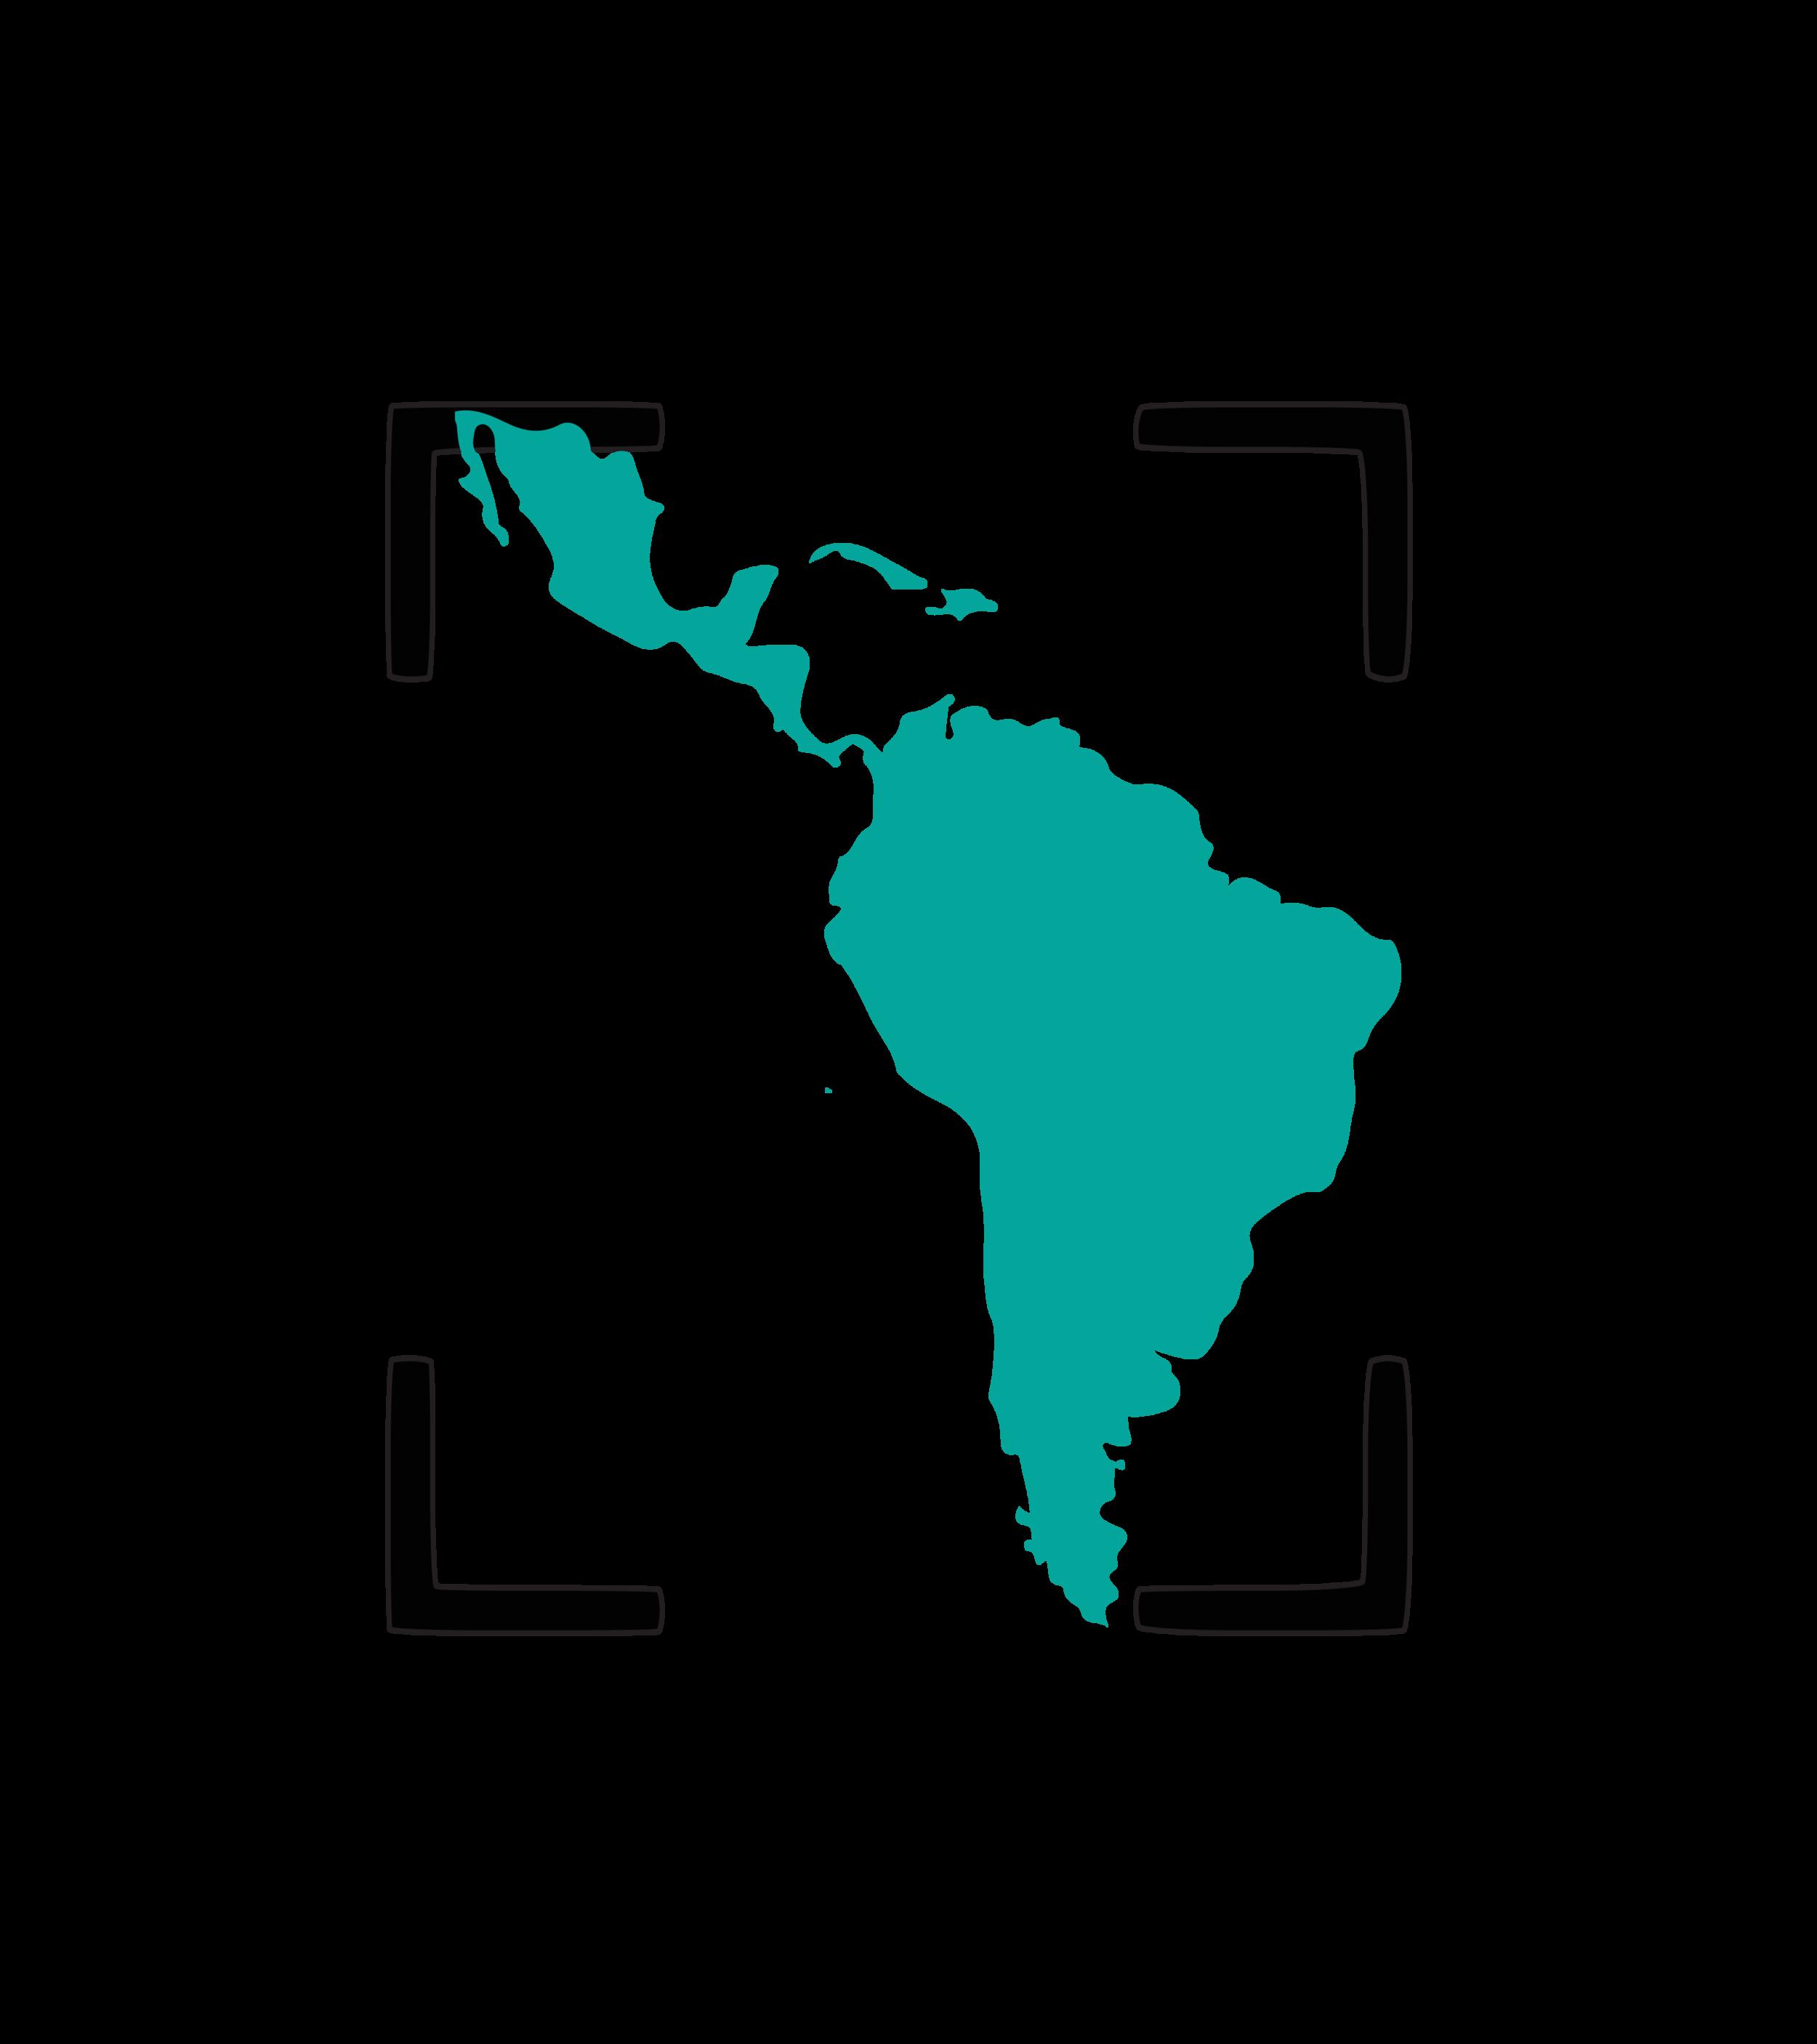 Latin America - Description of the region vision.